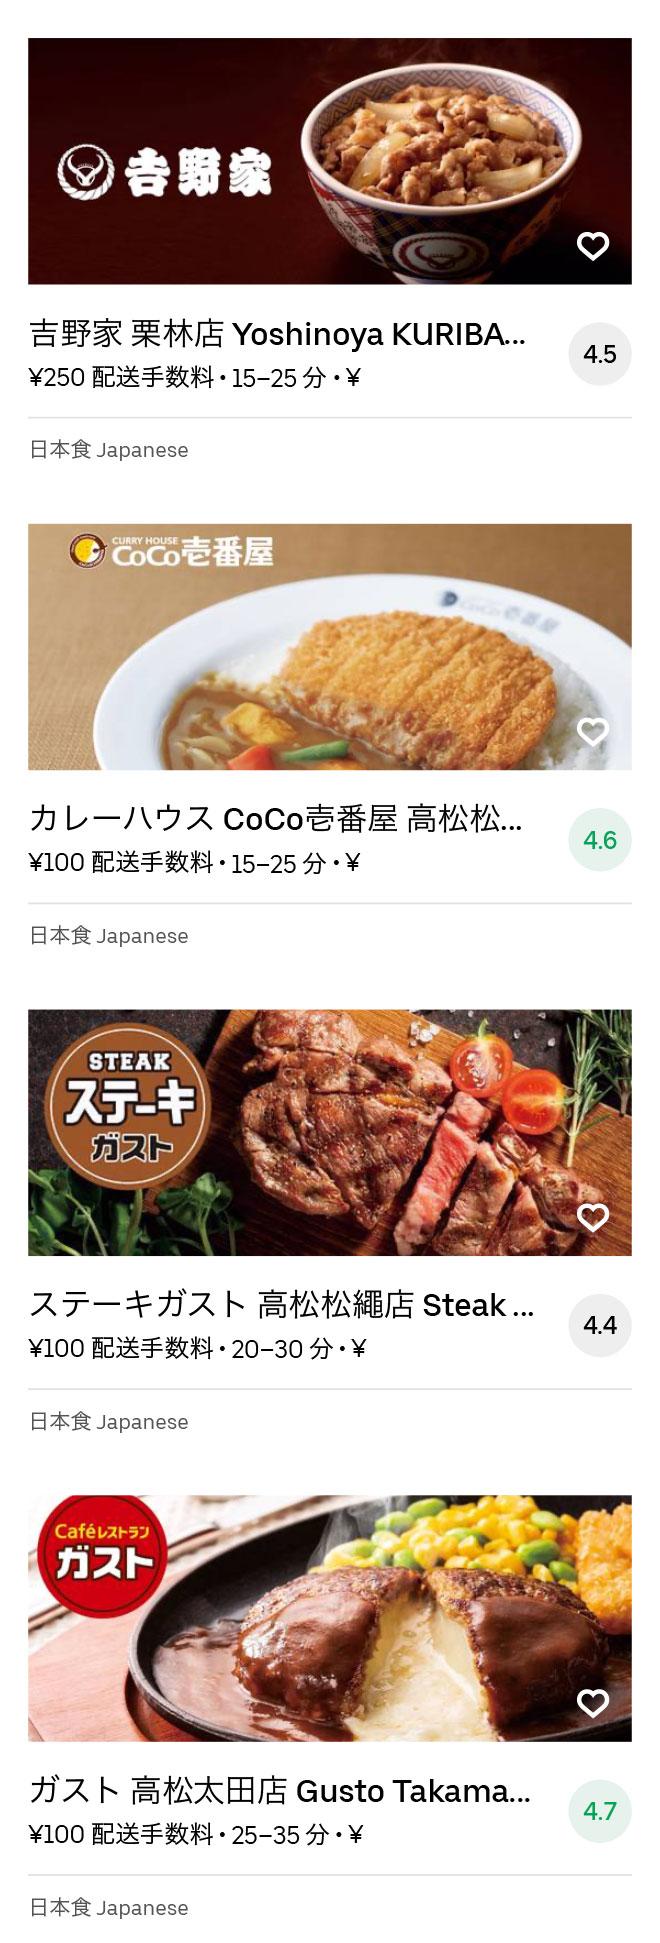 Chuoh sho menu 2008 04